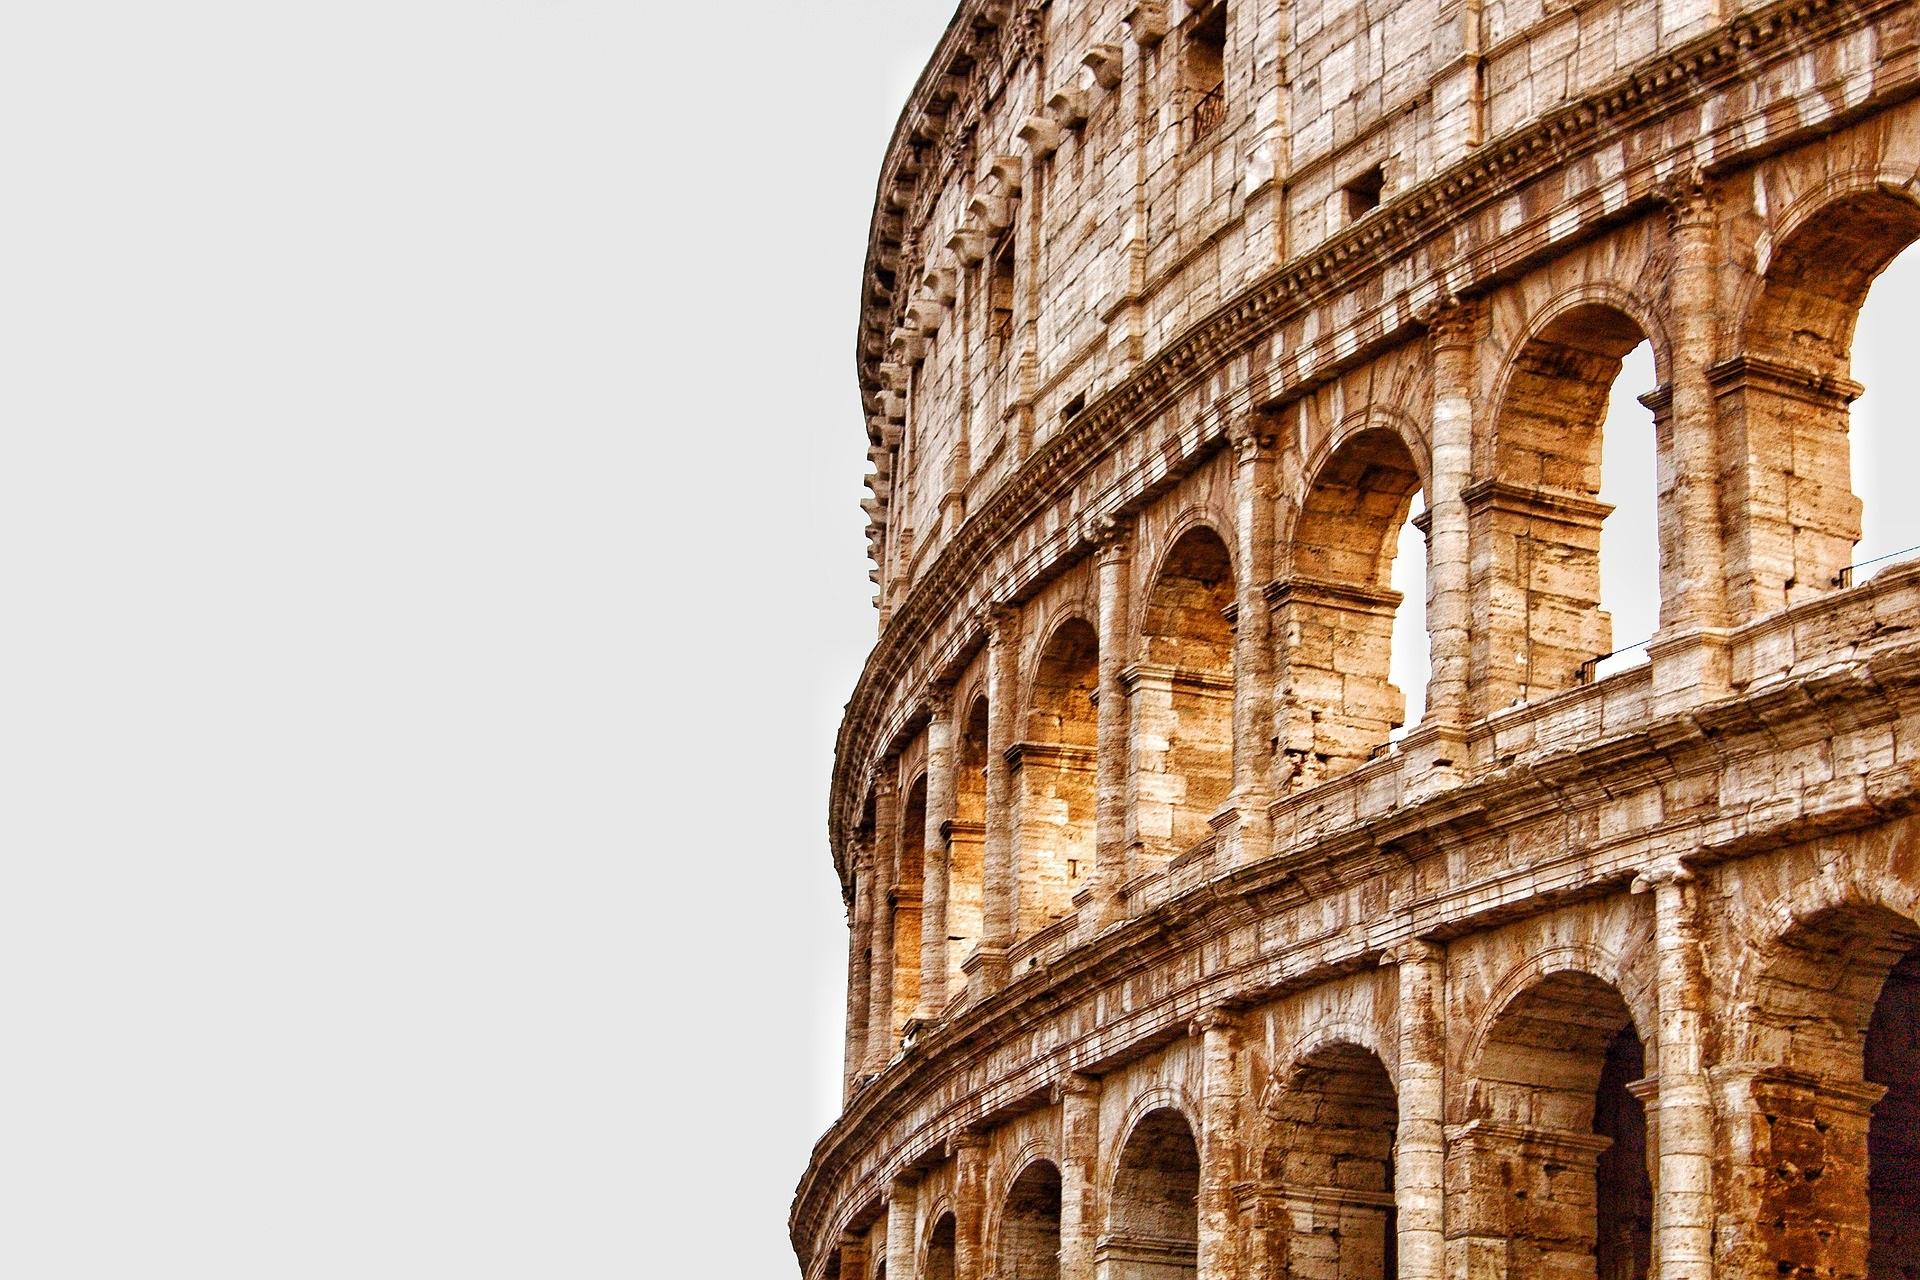 ROMA PASS VALE A PENA